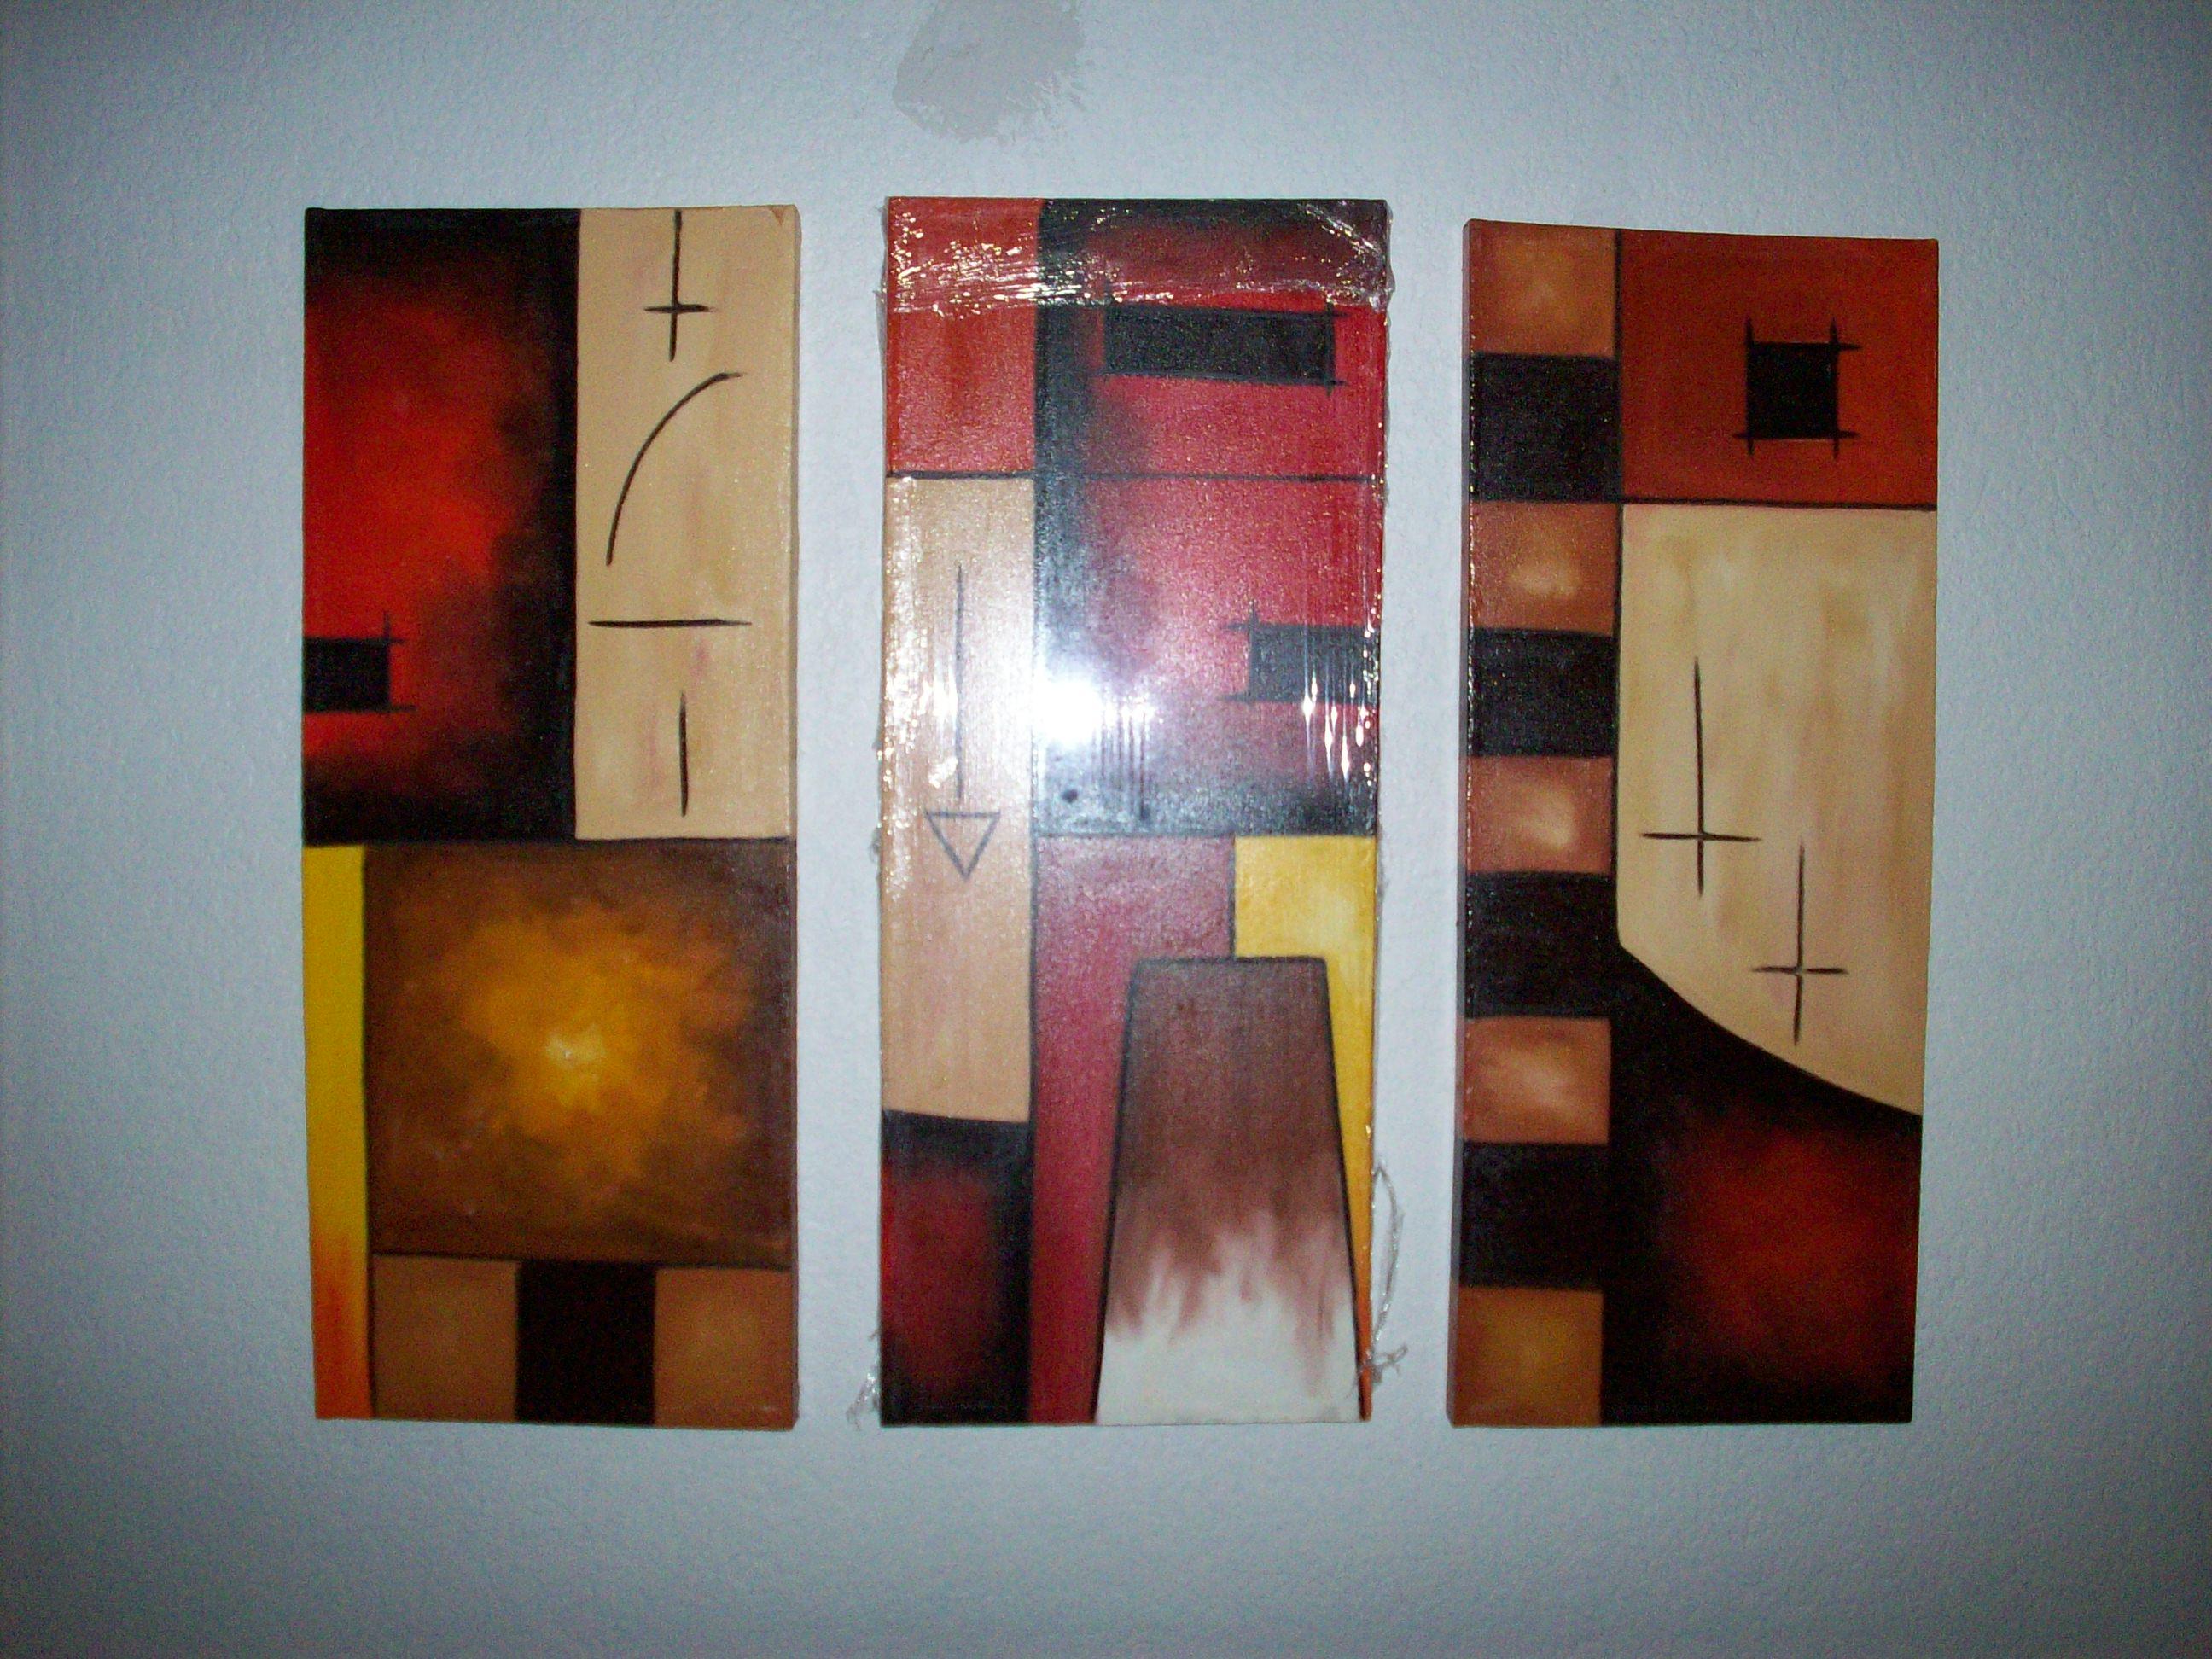 Cuadros al oleo modernos abstractos minimalistas y elegantes pelauts car interior design - Cuadros abstractos minimalistas ...